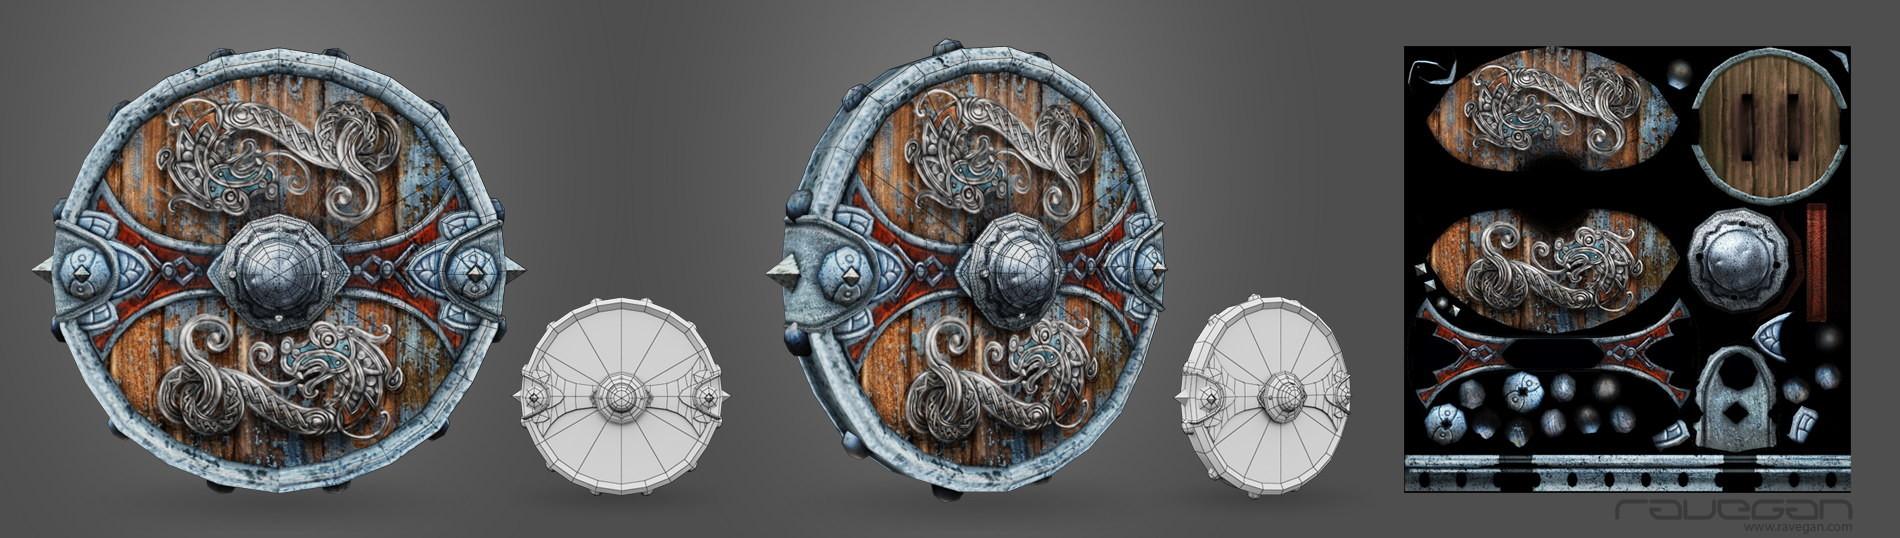 Ravegan games viking 10 shield lowpoly